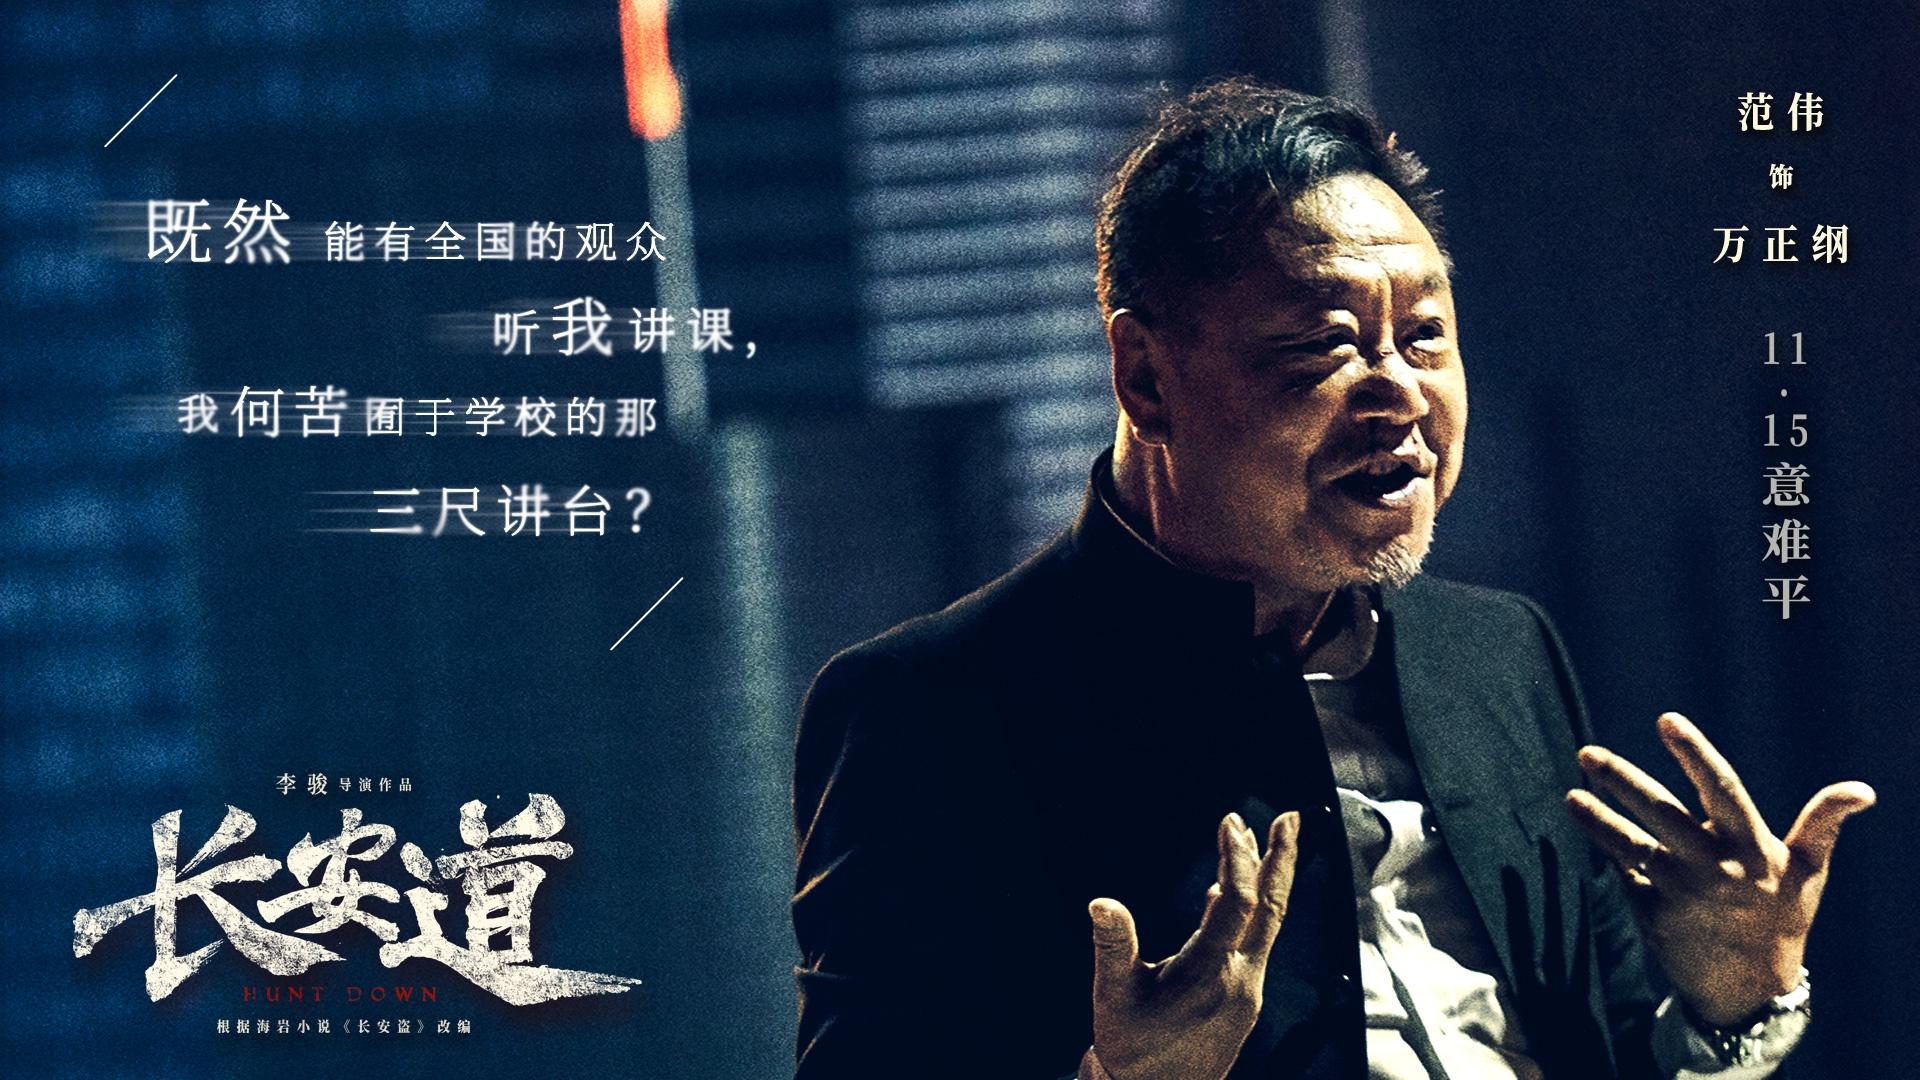 http://www.bjhexi.com/shehuiwanxiang/1517997.html